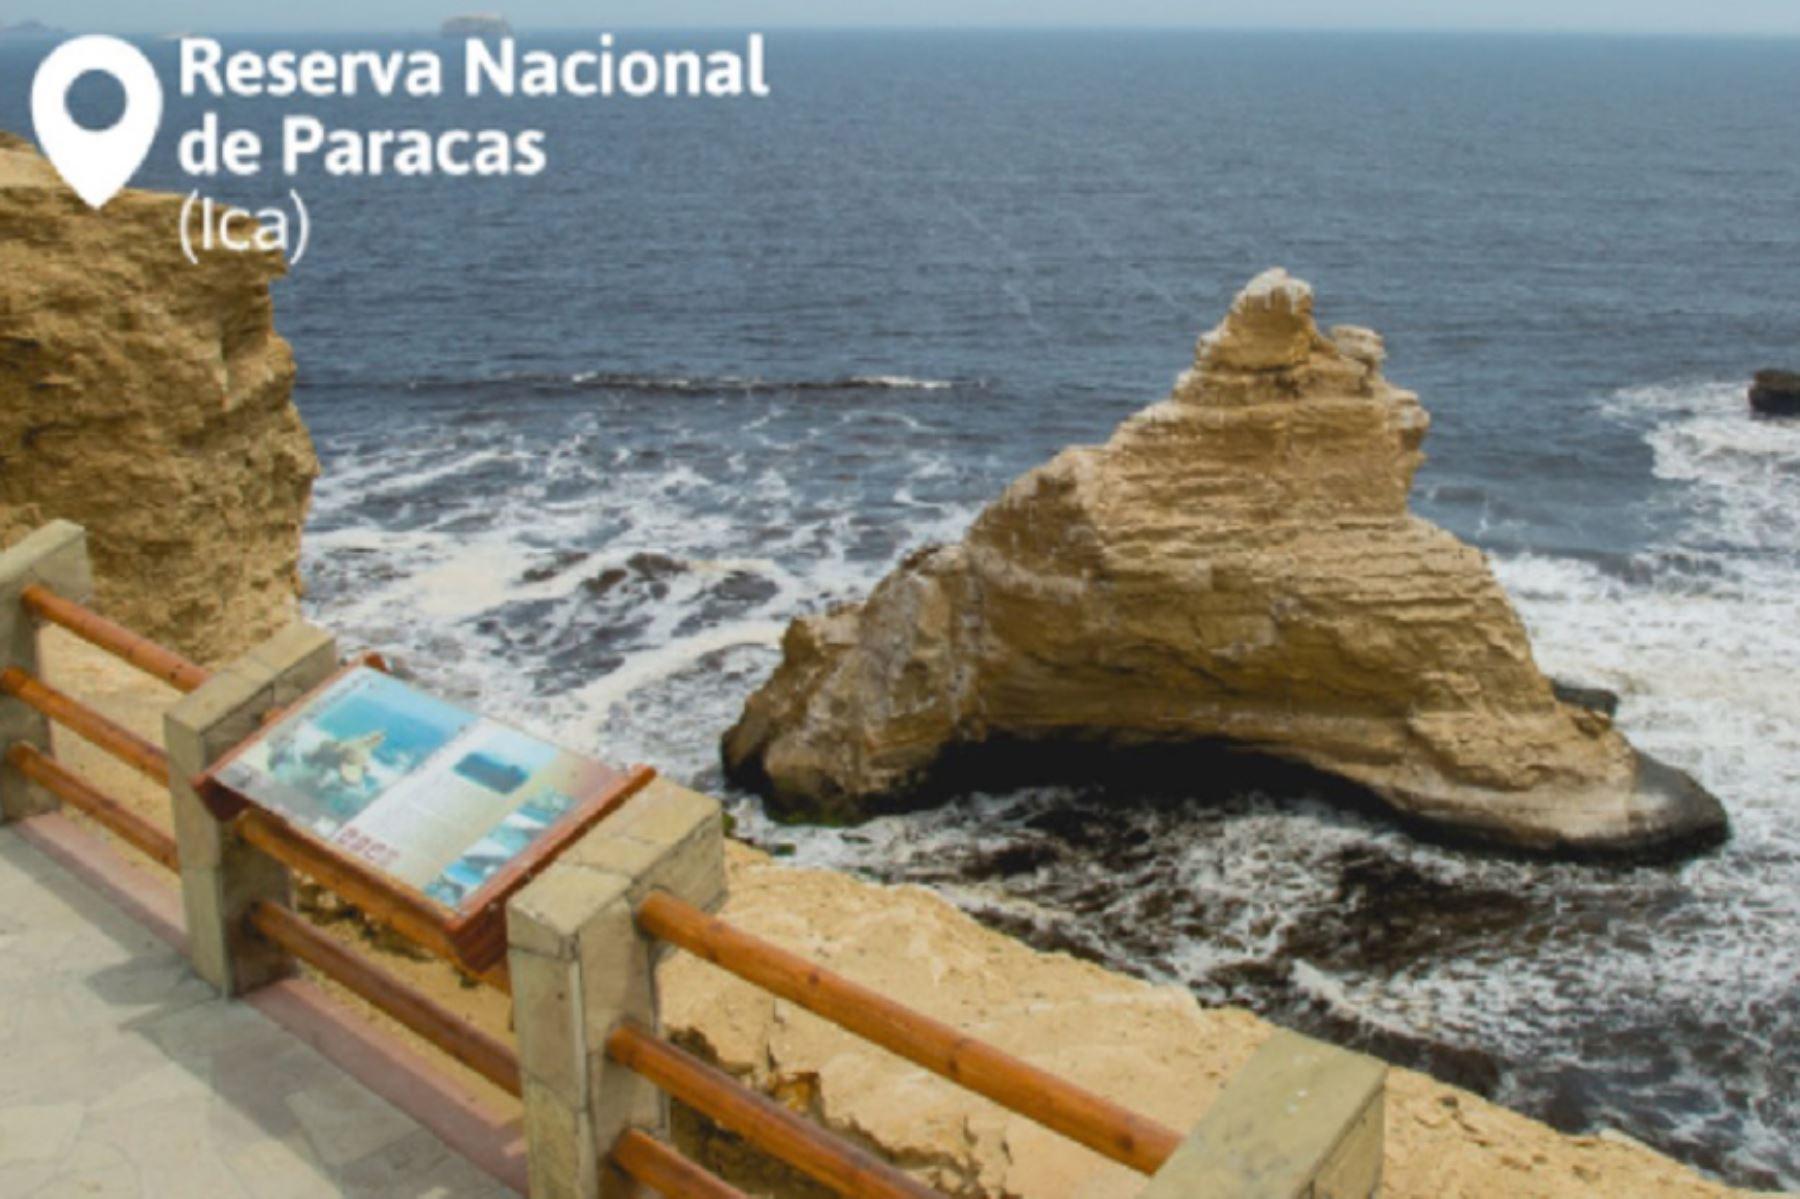 La Reserva Nacional de Paracas es uno de los destinos que puede visitarse sin límites de aforo. ANDINA/Difusión